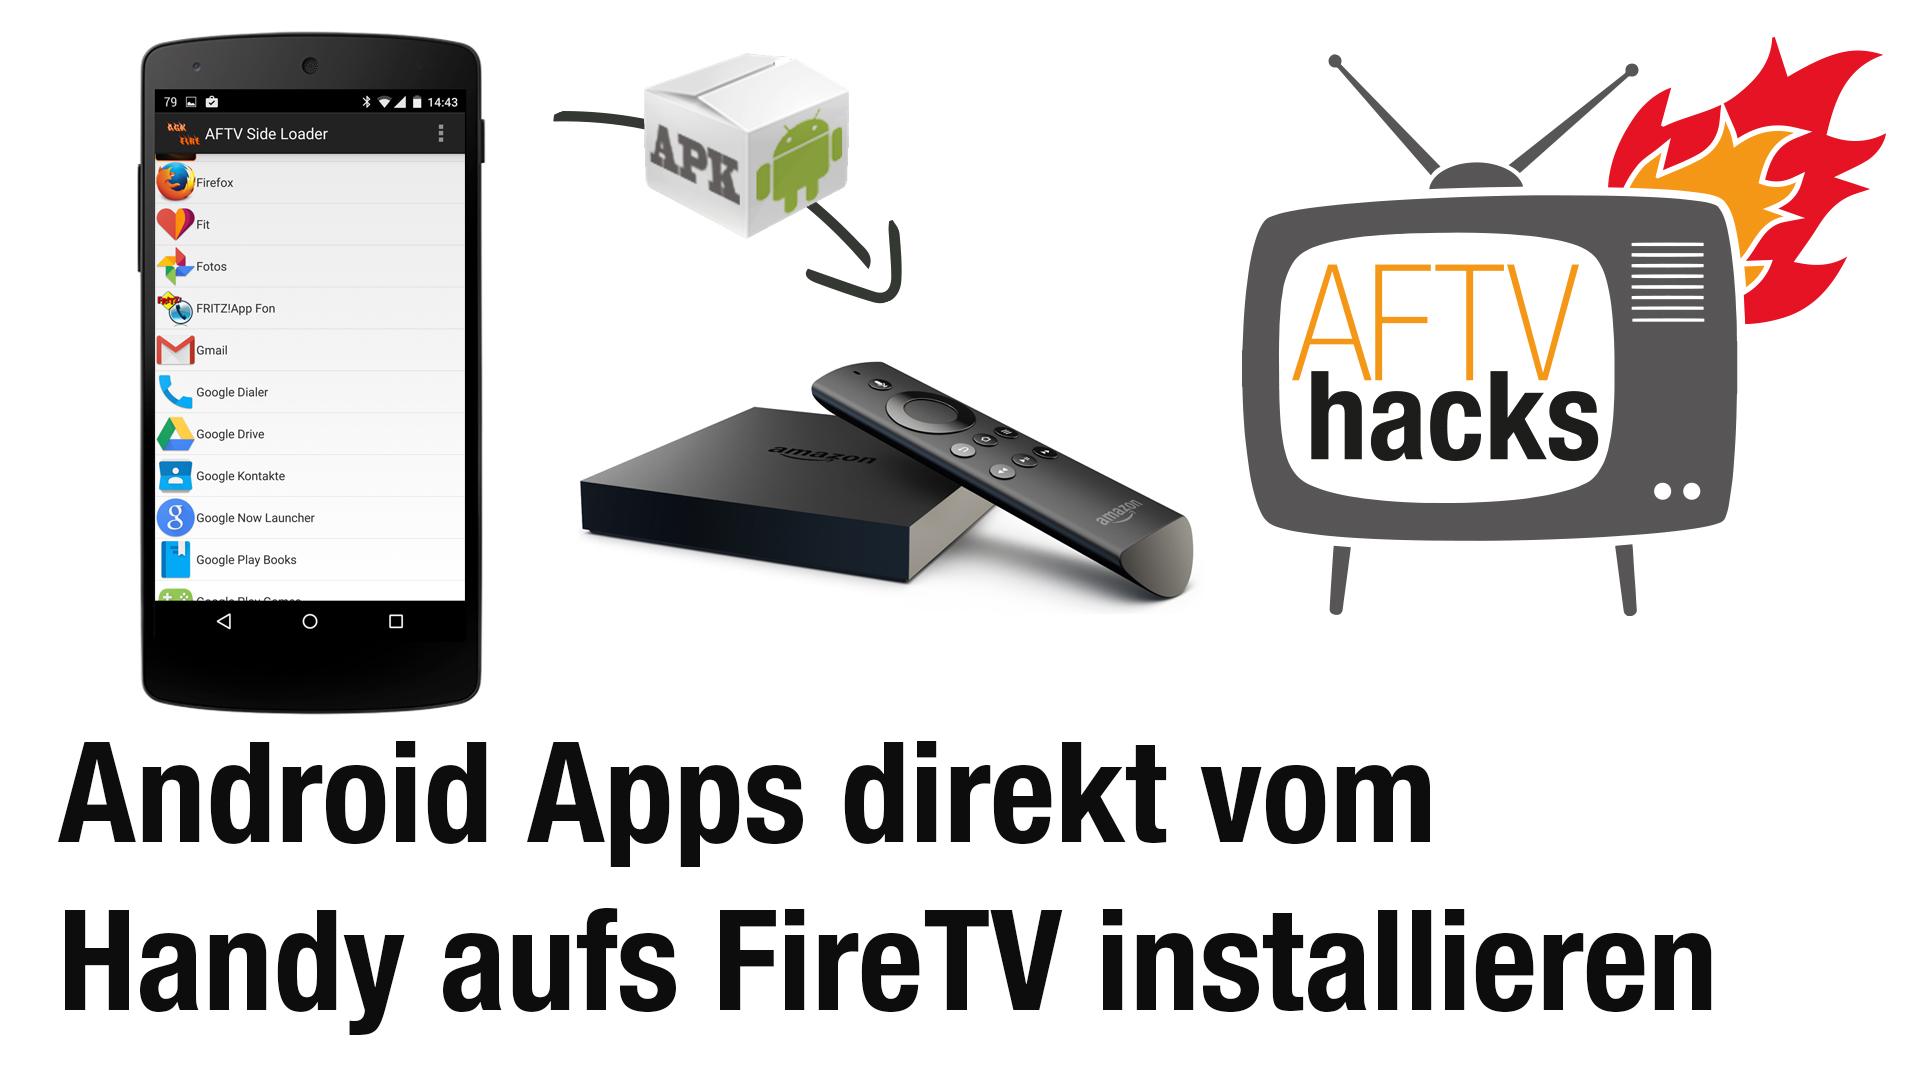 Anwendungen direkt vom Android-Gerät auf dem Fire TV installieren - mit AGK Fire